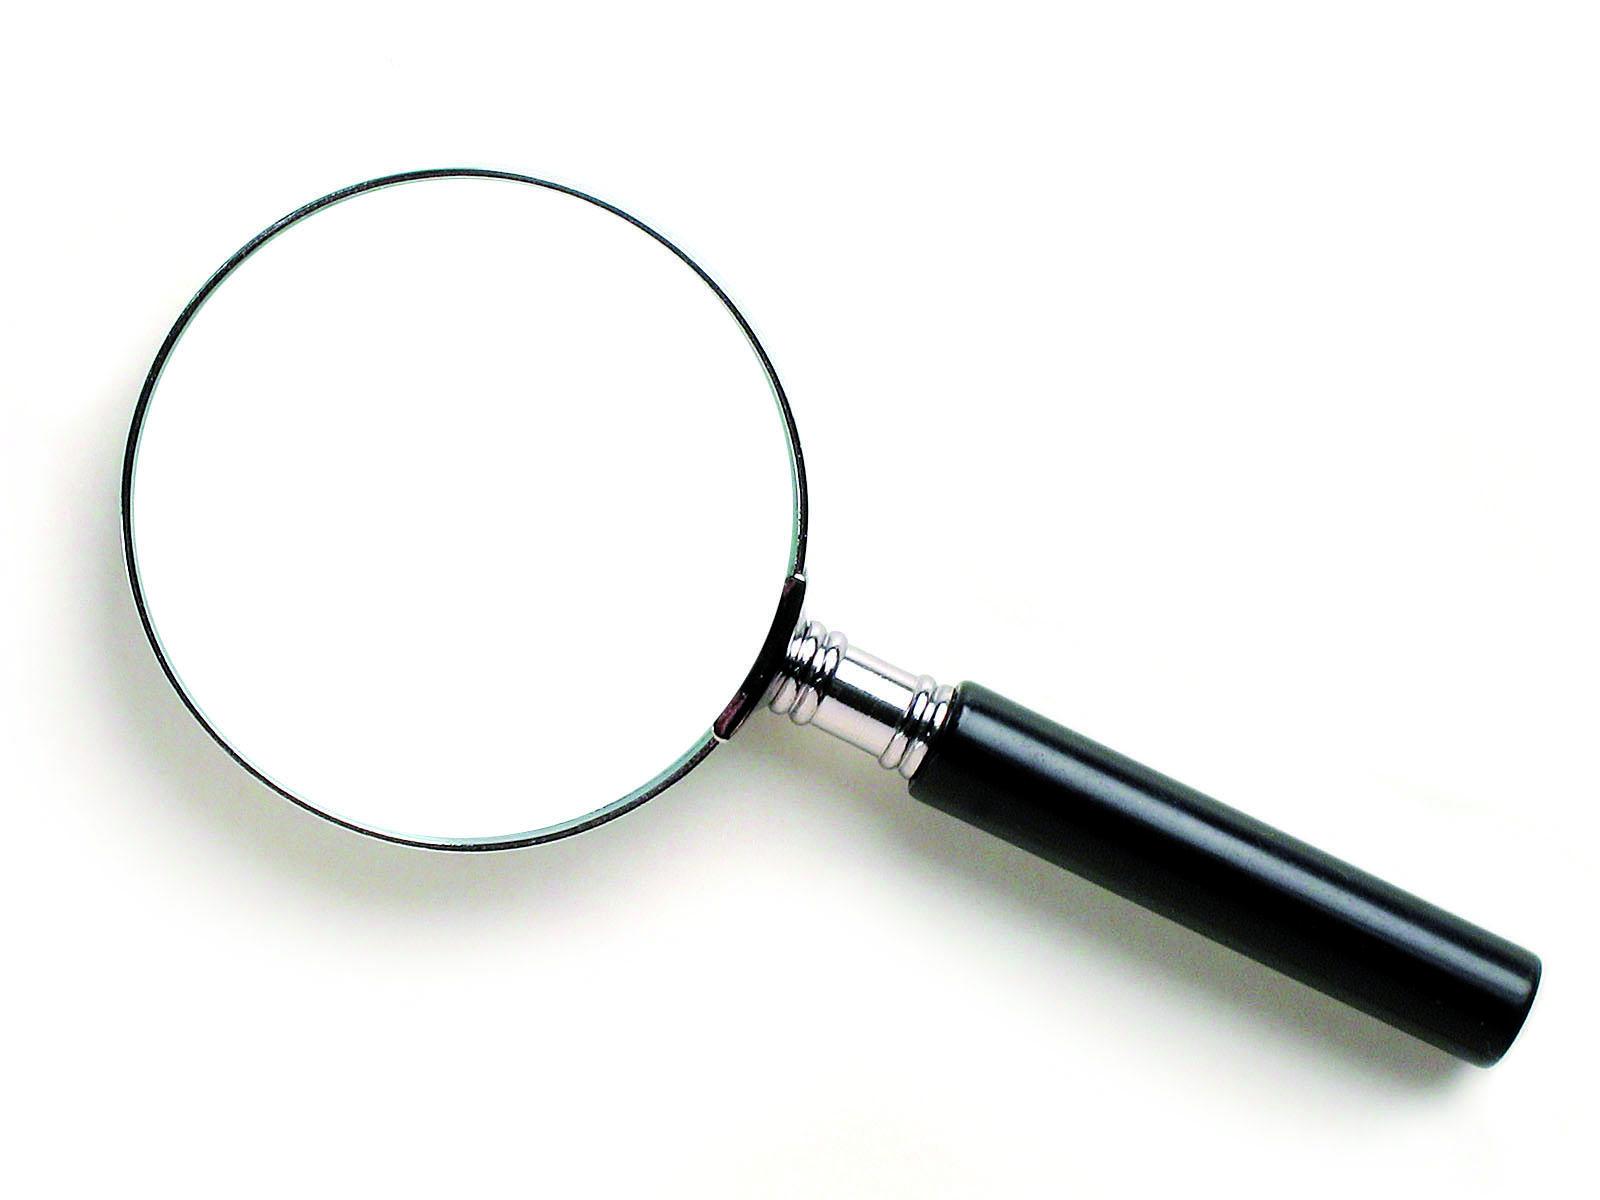 Banking inquiry edges closer